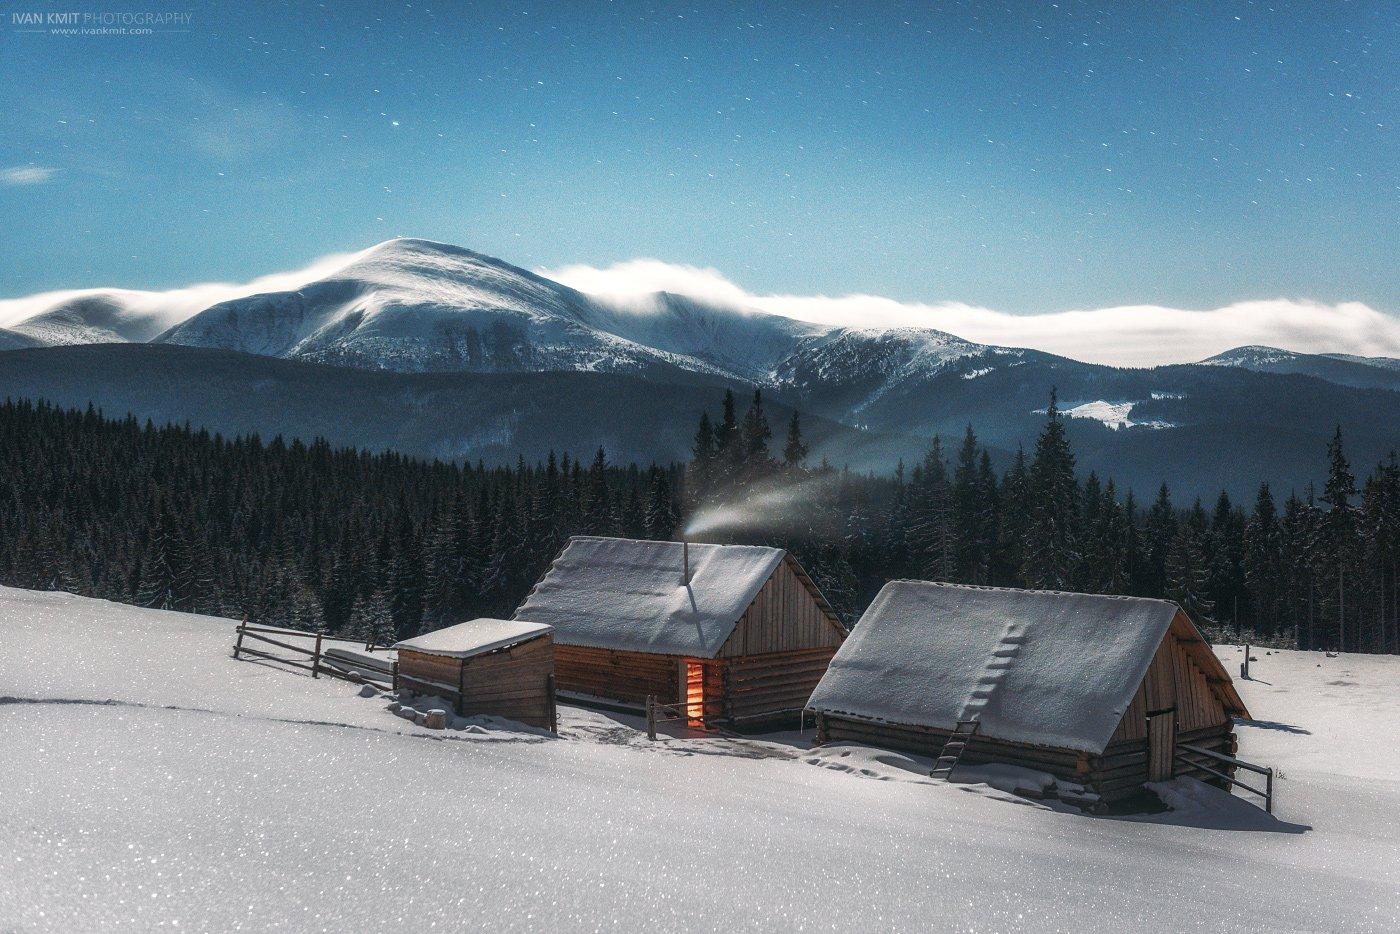 карпаты, зима, пейзаж, звезды, млечный путь, горы, Иван Кмить